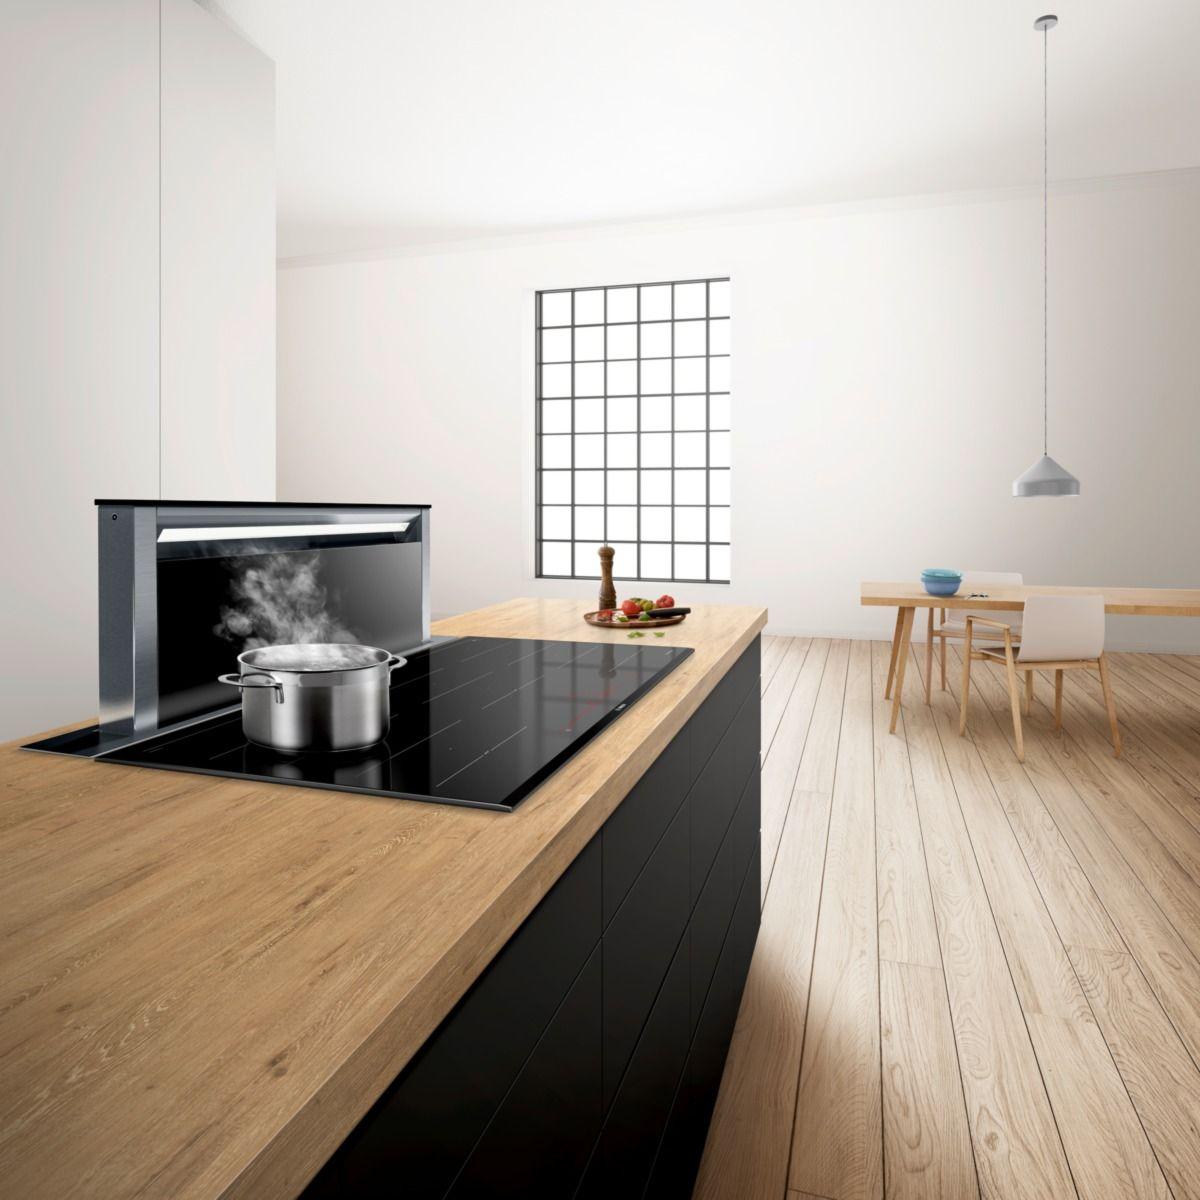 Kinh nghiệm sử dụng máy hút mùi hiệu quả nhất từ các đầu bếp